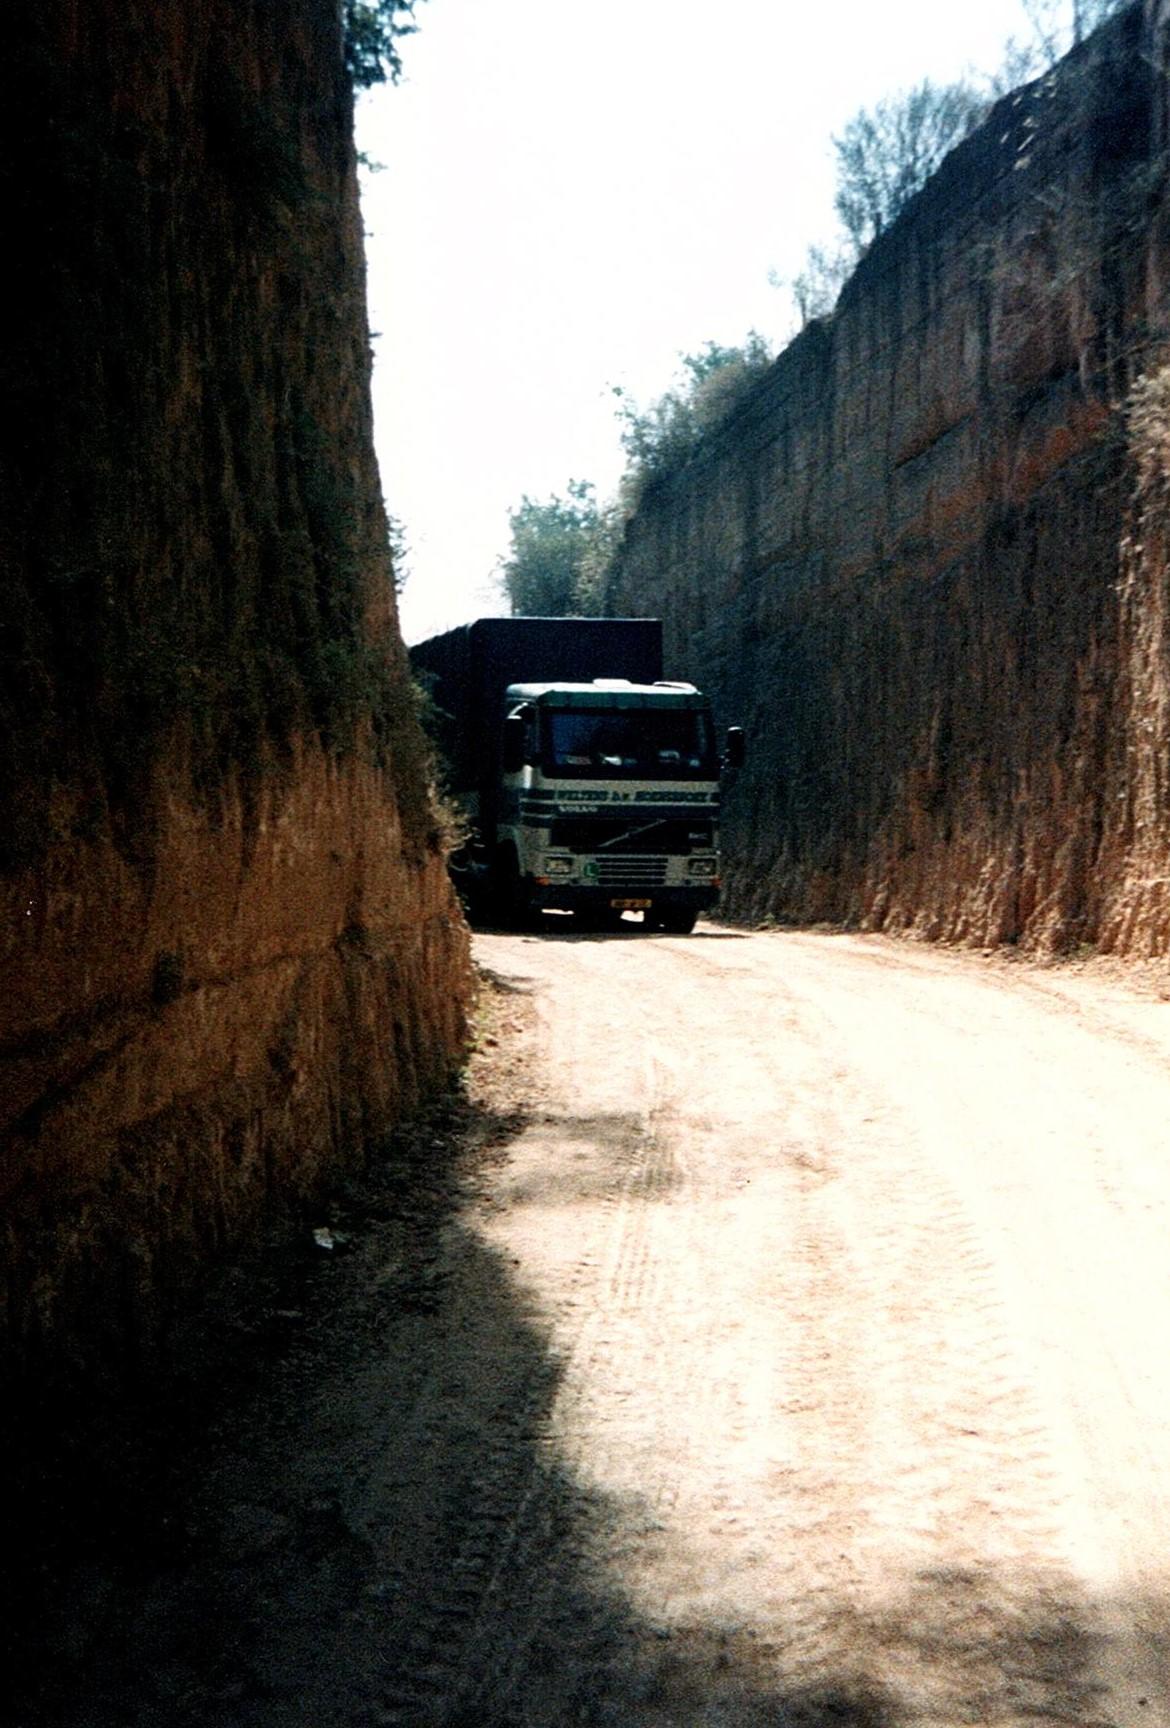 Bert-met-de-Scania-vakantie-vieren-in-Italie-25